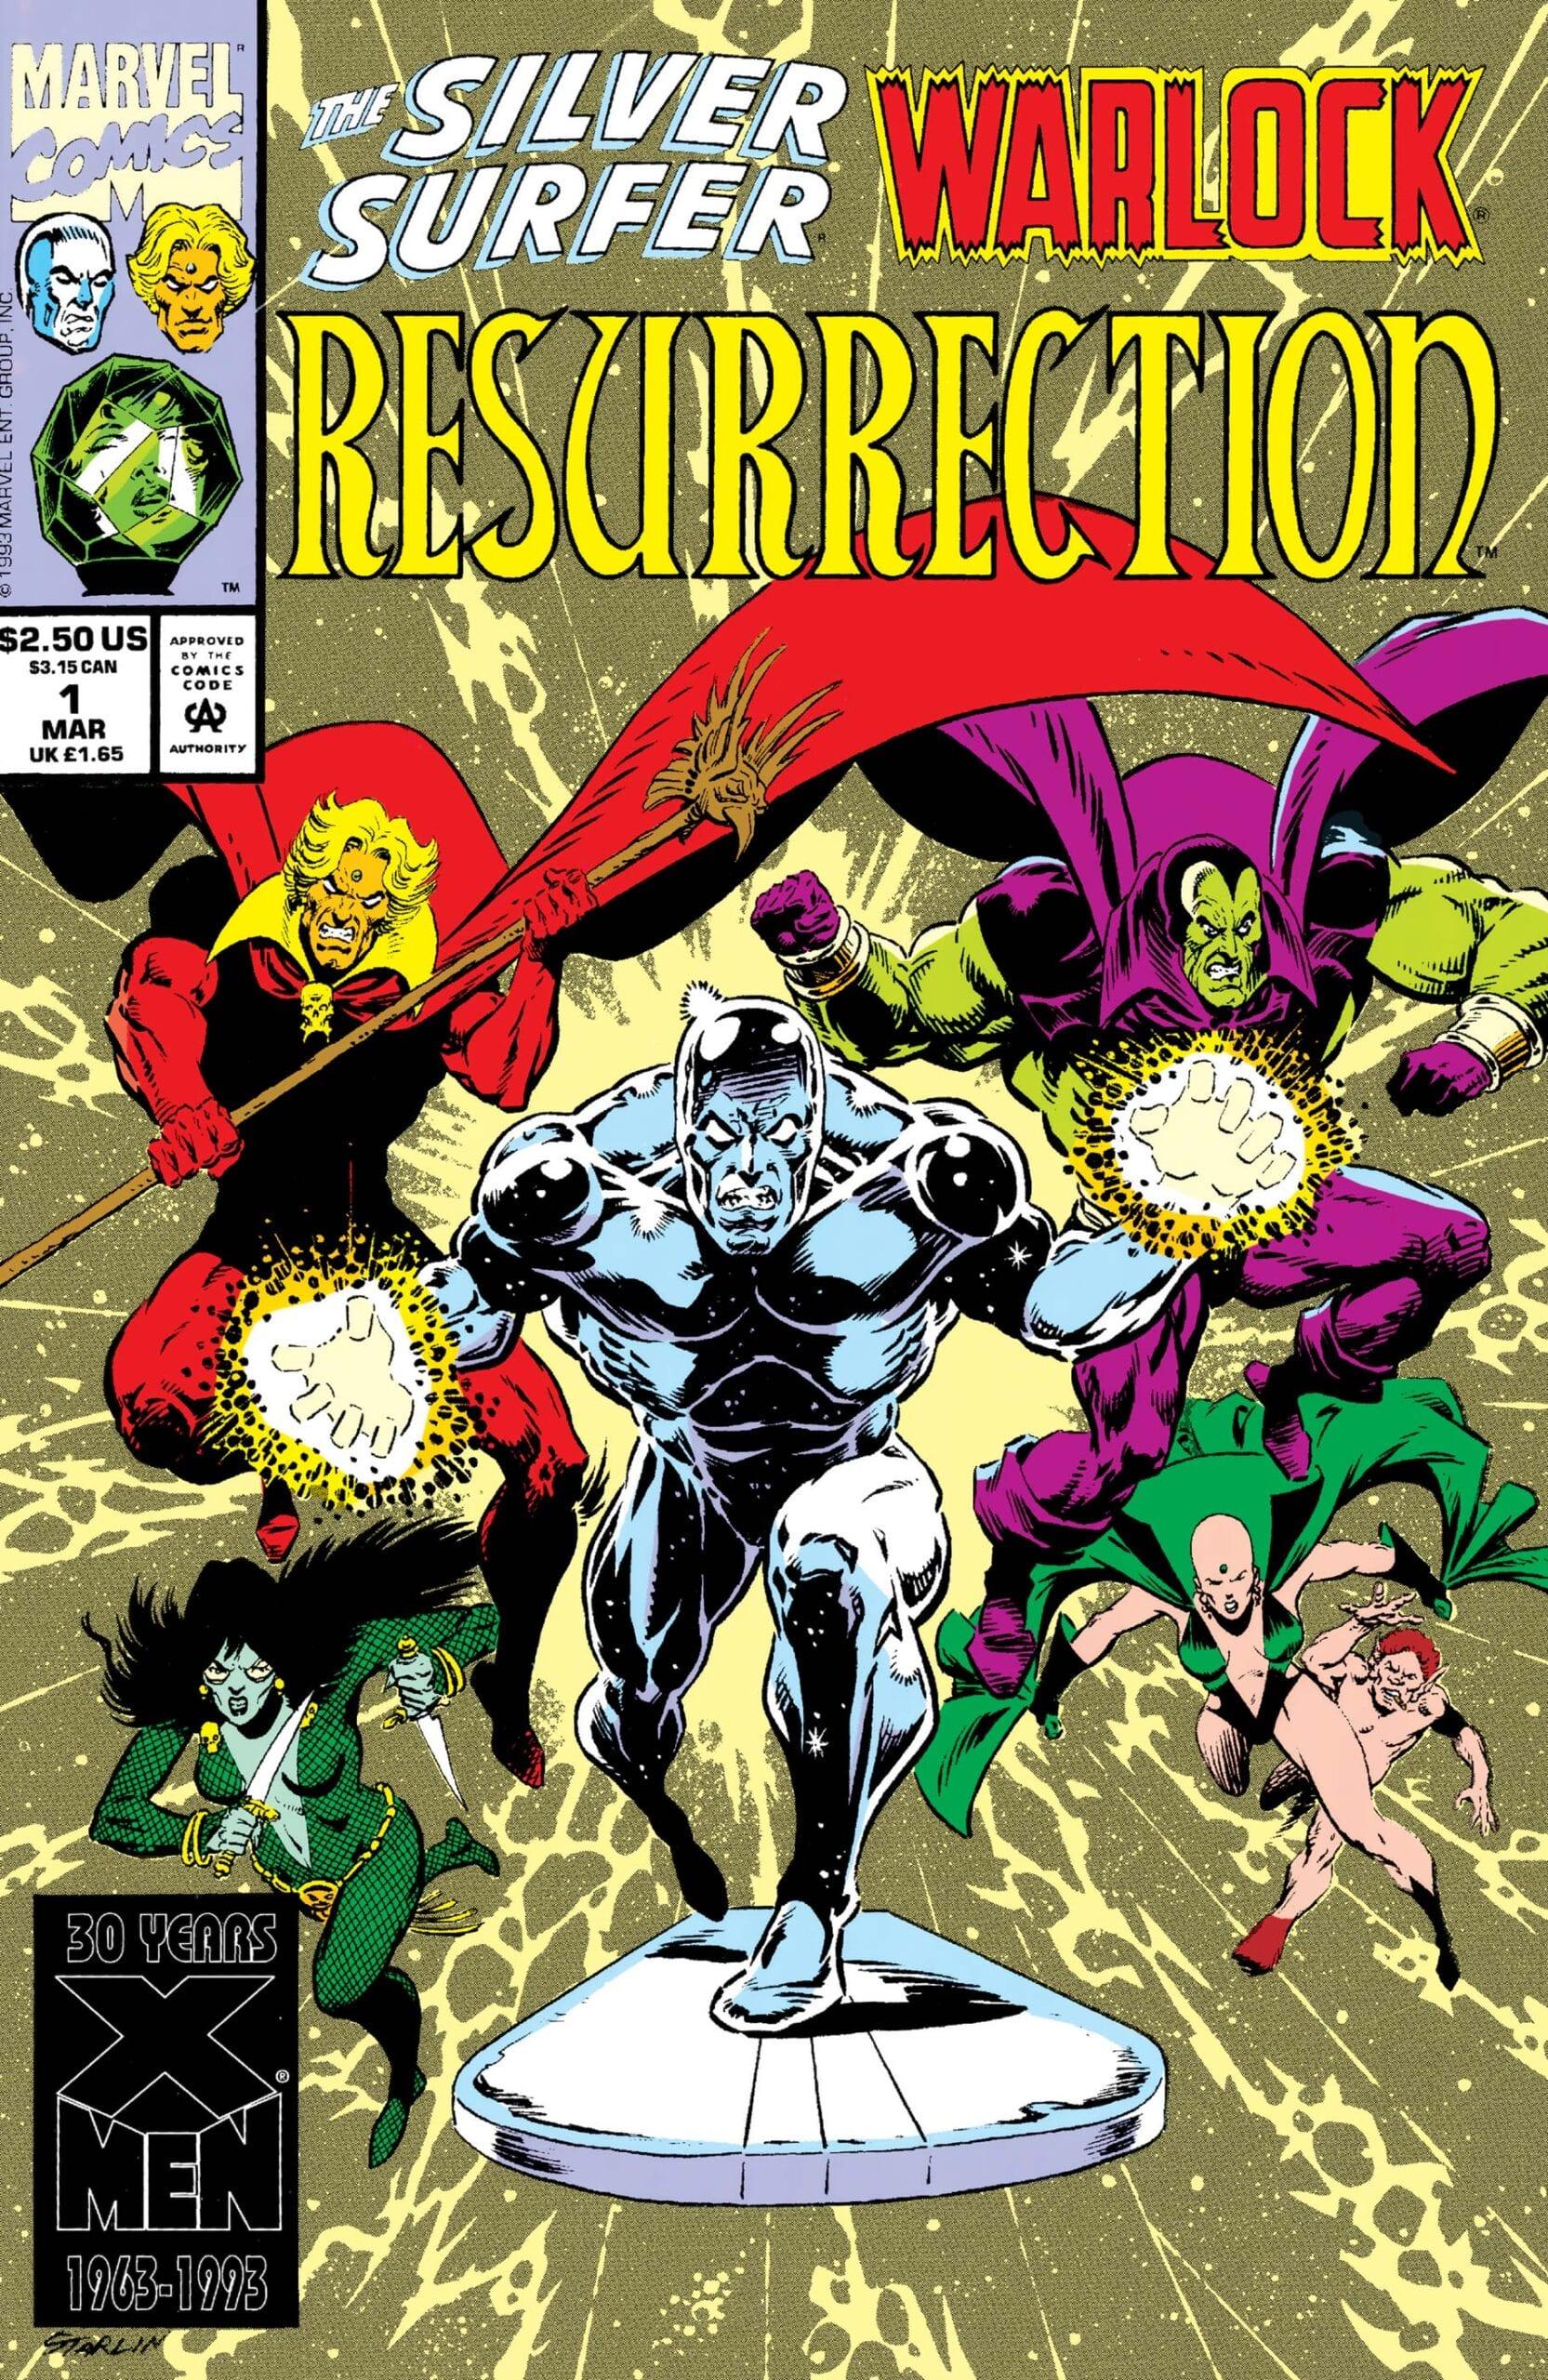 Comic completo Silver Surfer/Warlock: Resurrection